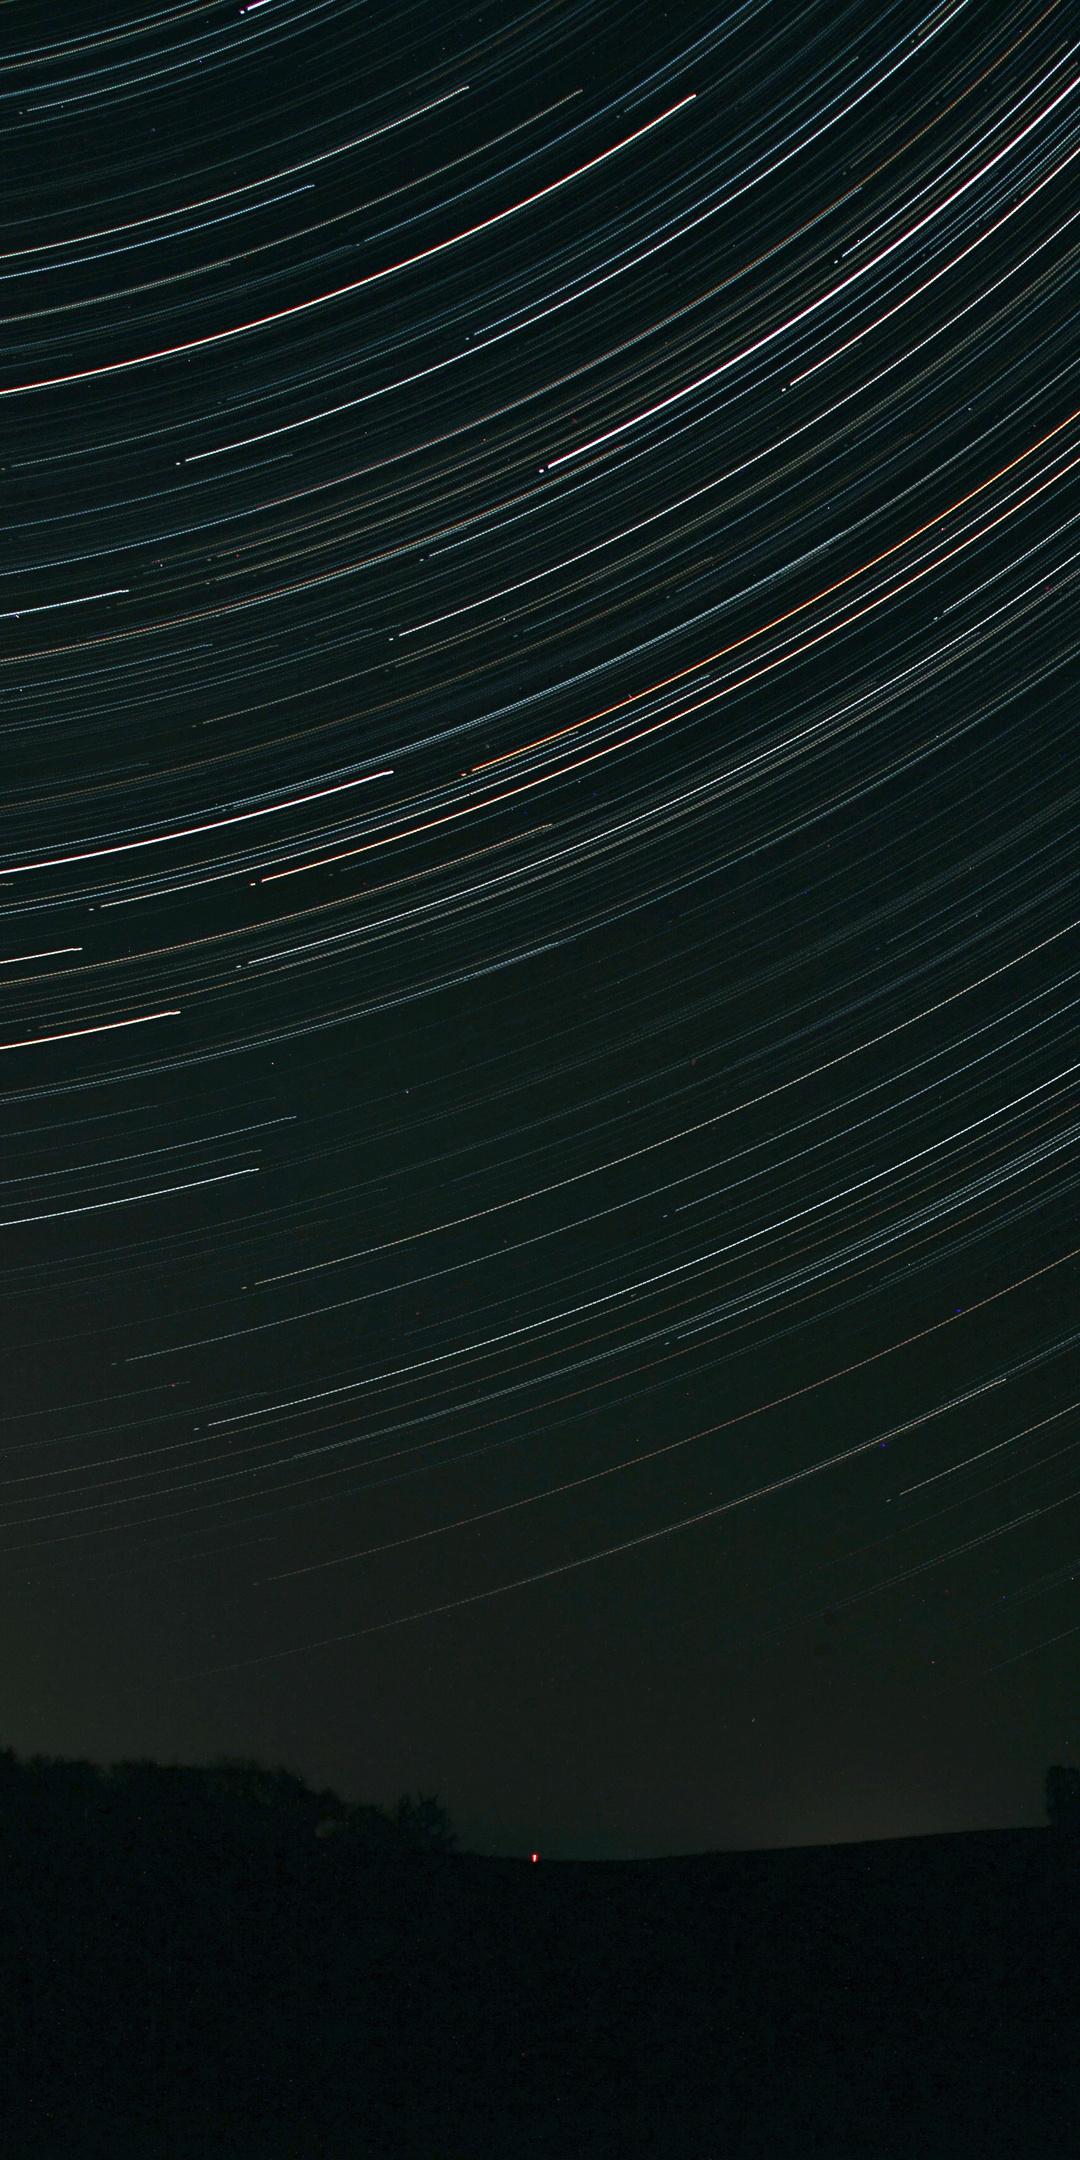 star-trails-5k-i0.jpg